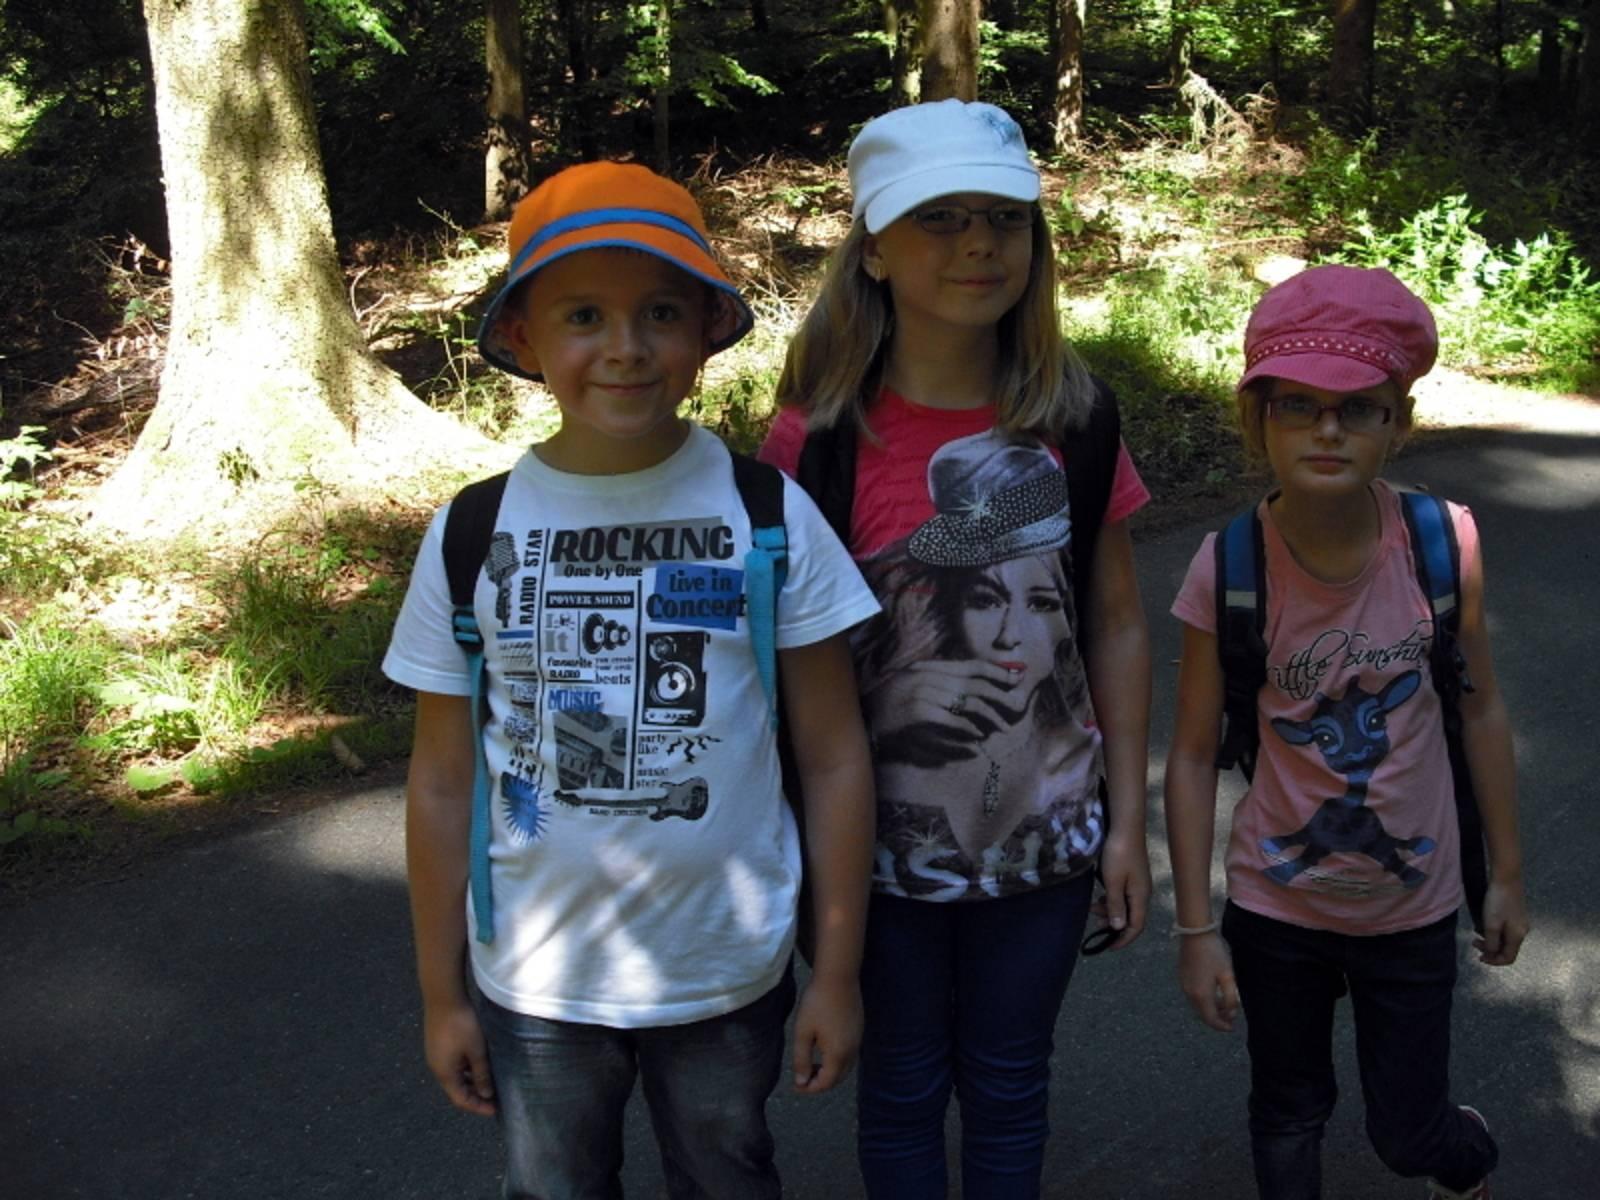 Ein Junge und zwei Mädchen auf einer Wanderung im Wald.